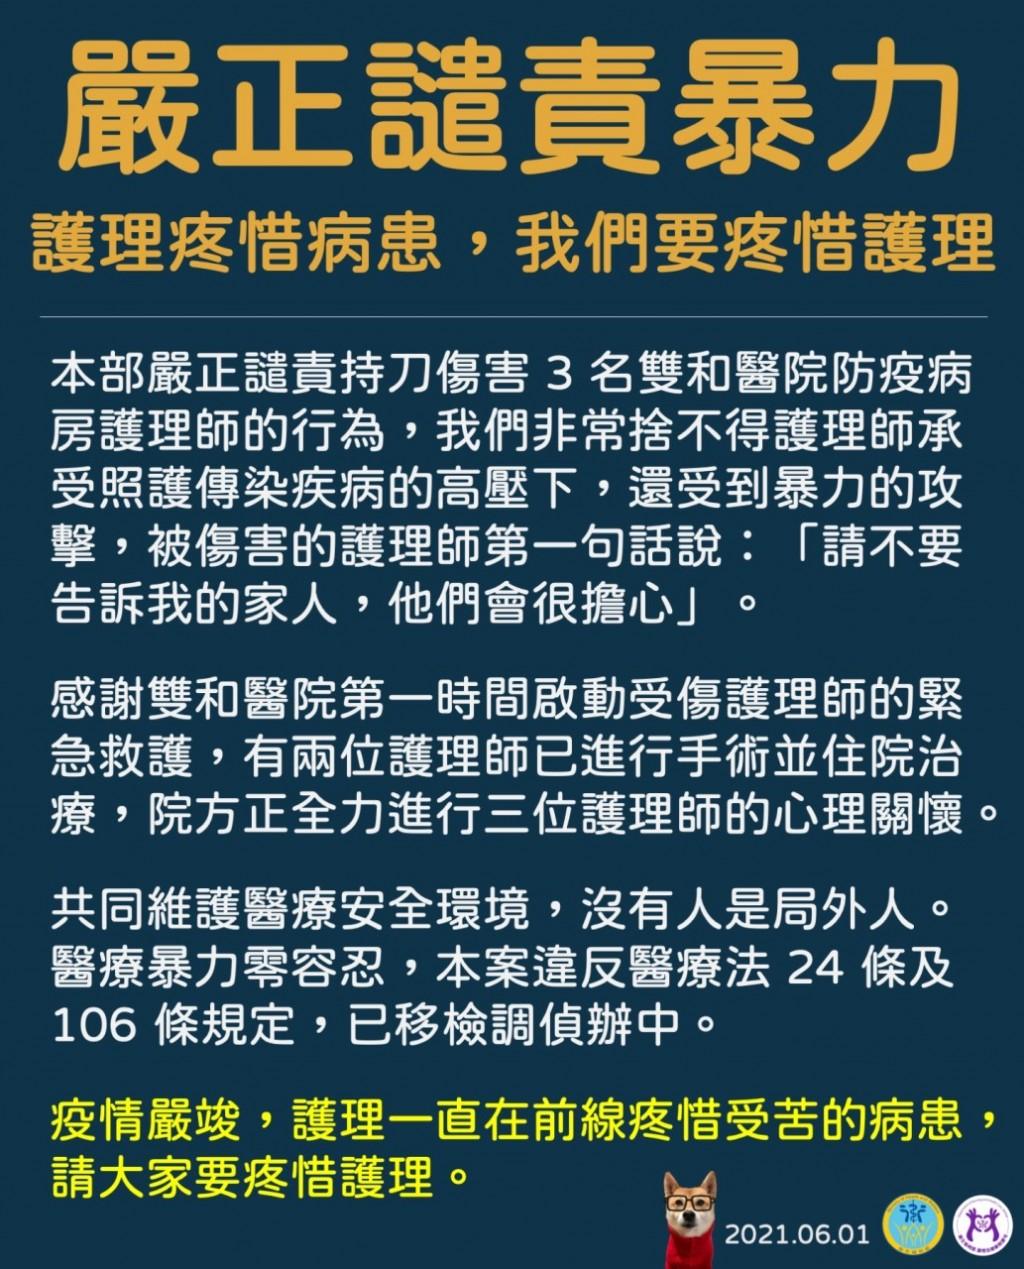 【最新】北台灣雙和醫院3護理師遭確診病患砍傷•新北檢:解隔離後移送 警冒染疫風險逮人•侯友宜保證:讓警察都有疫苗打